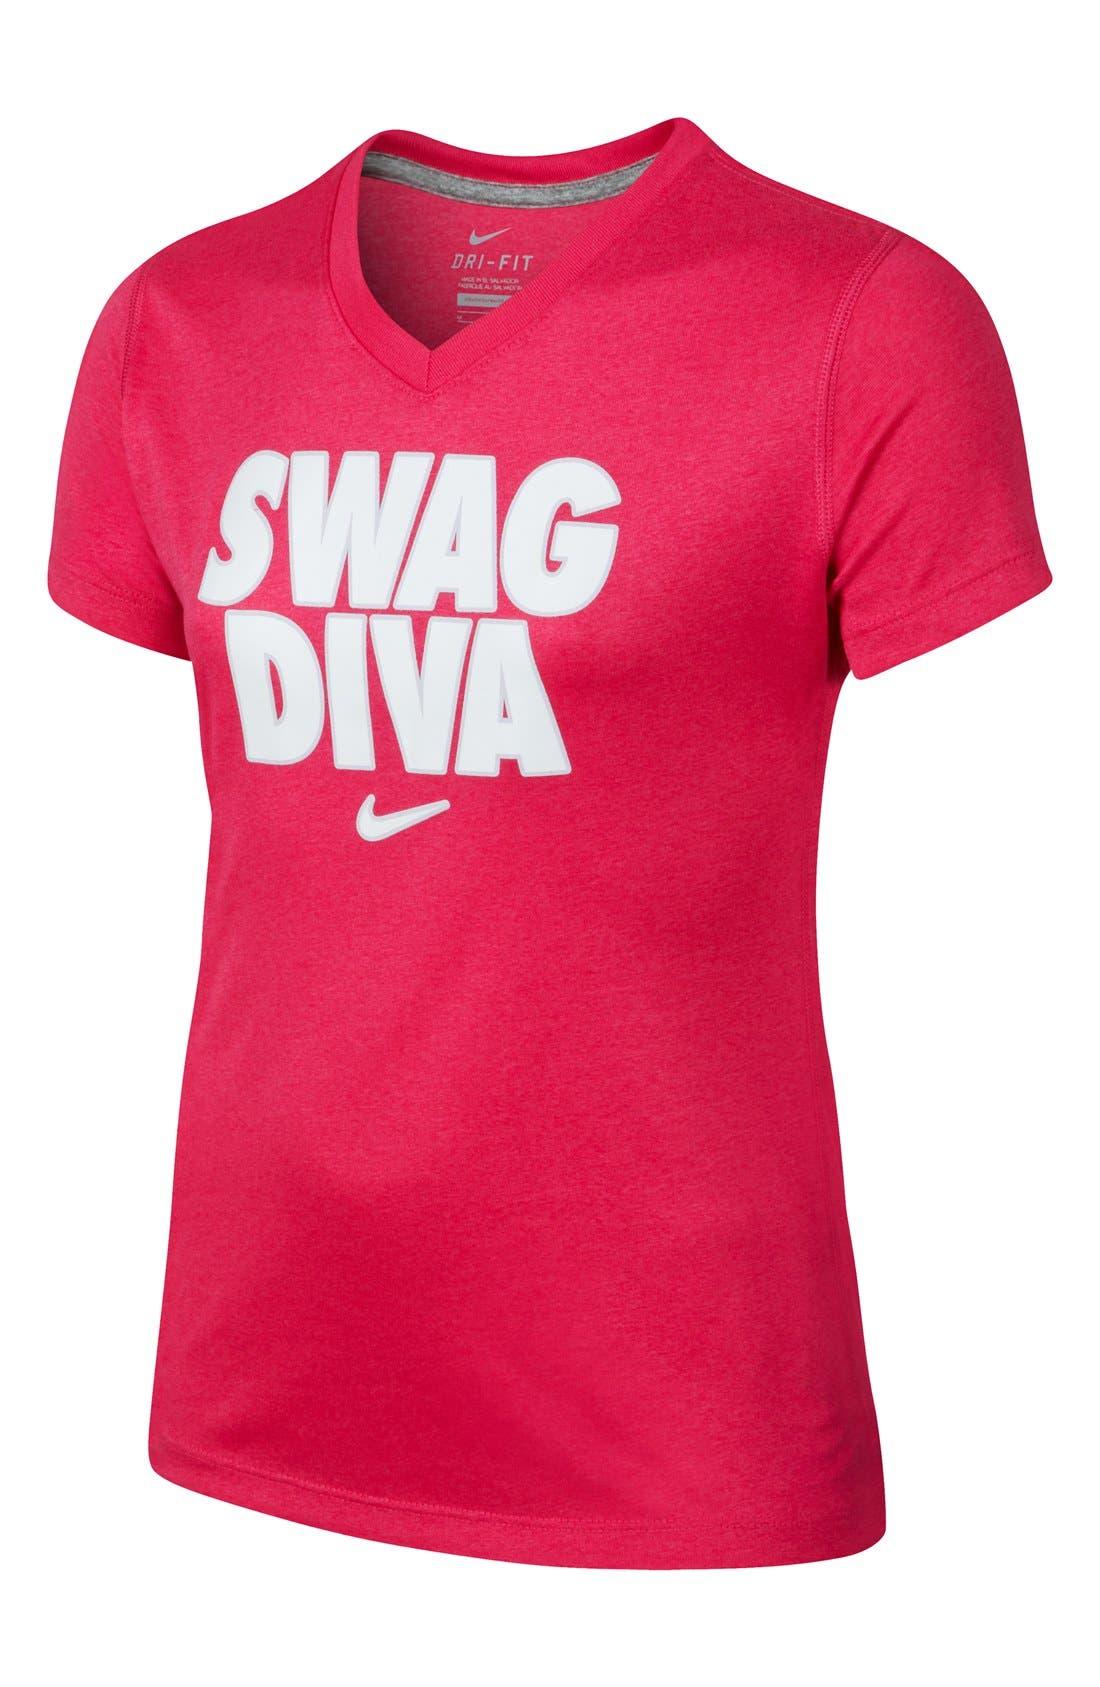 Alternate Image 1 Selected - Nike 'Swag Diva' Dri-FIT Top (Big Girls)